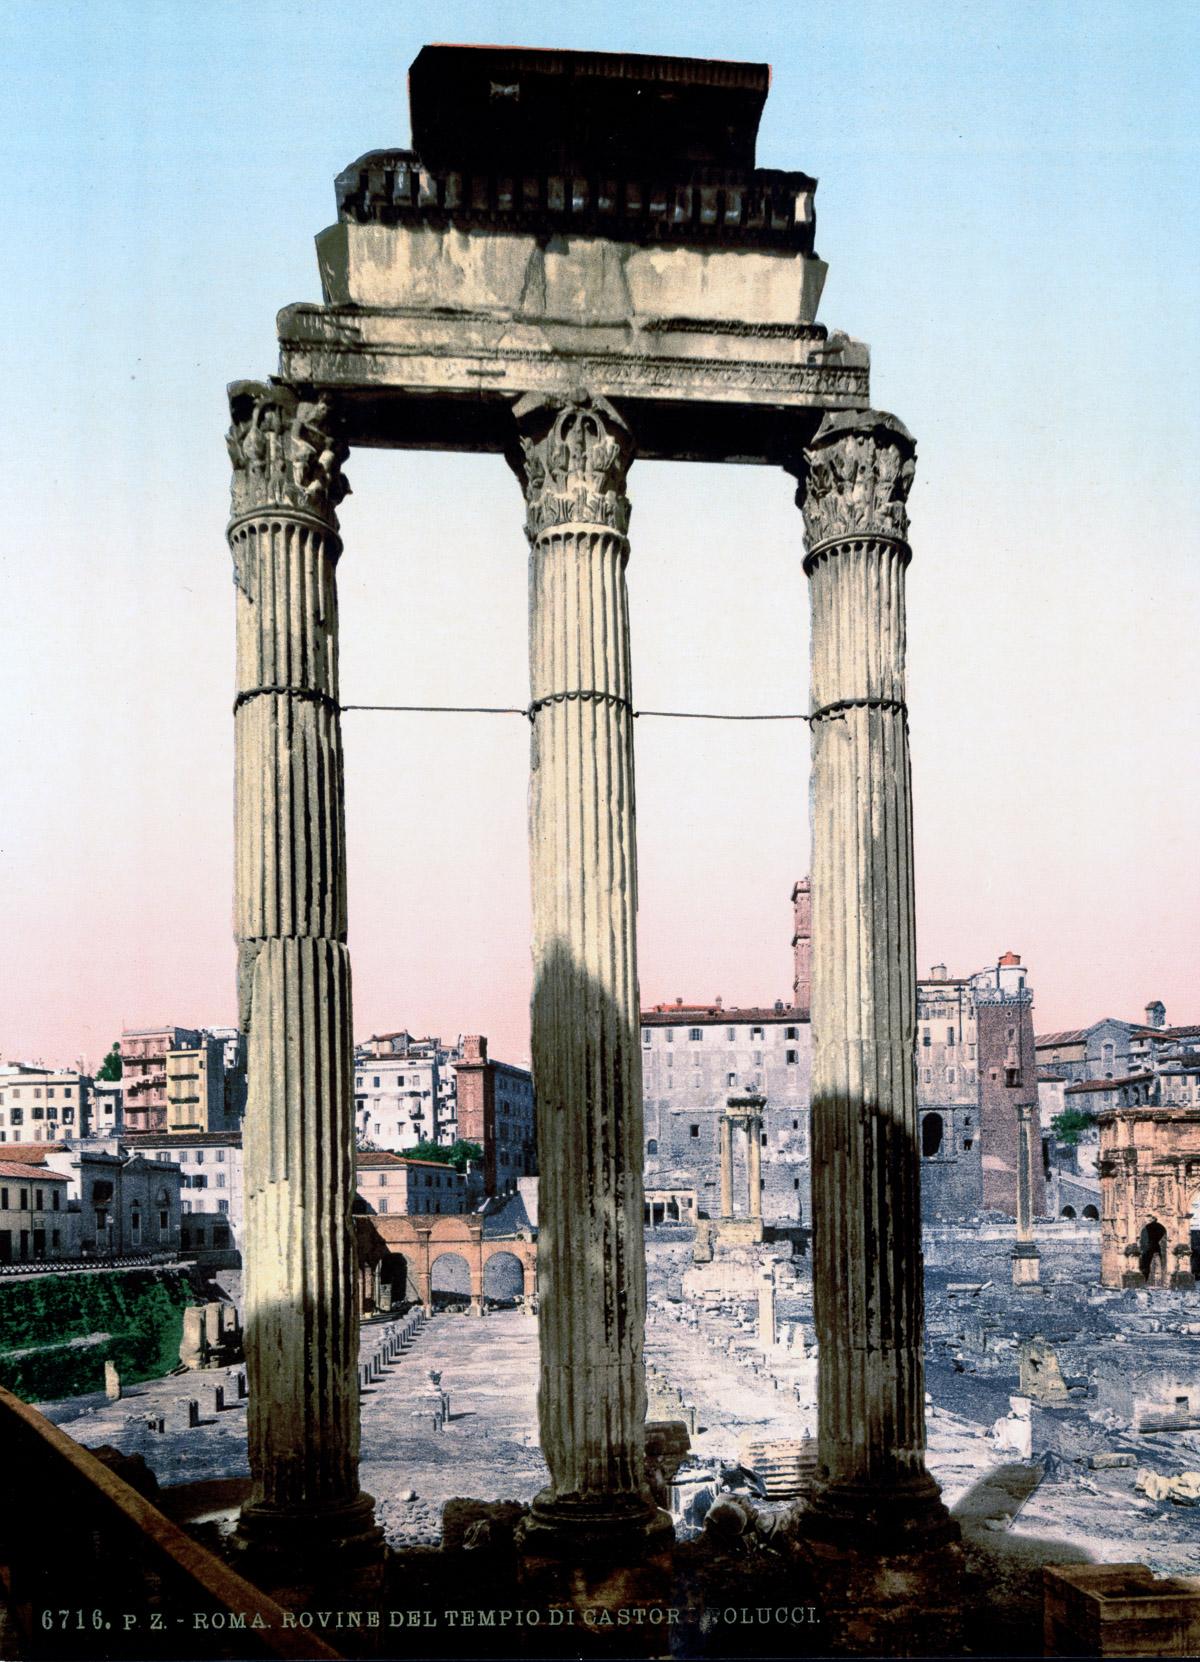 dostoprimechatelnosti Rima starye otkrytki 20